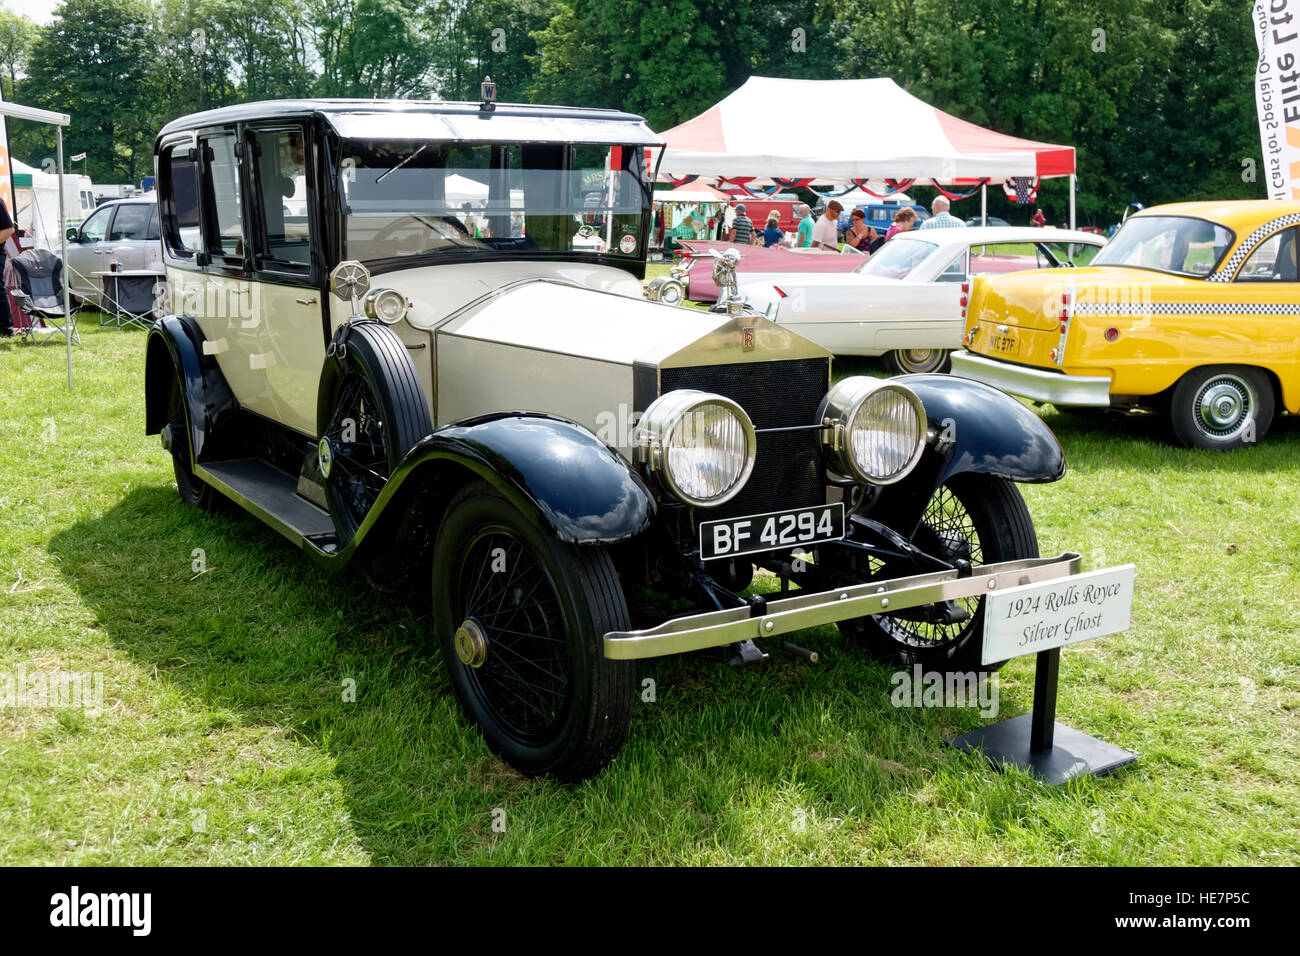 Un 1924 Rolls Royce Silver Ghost al 2014 Stockton Nostalgia mostrano, Wiltshire, Regno Unito. Immagini Stock